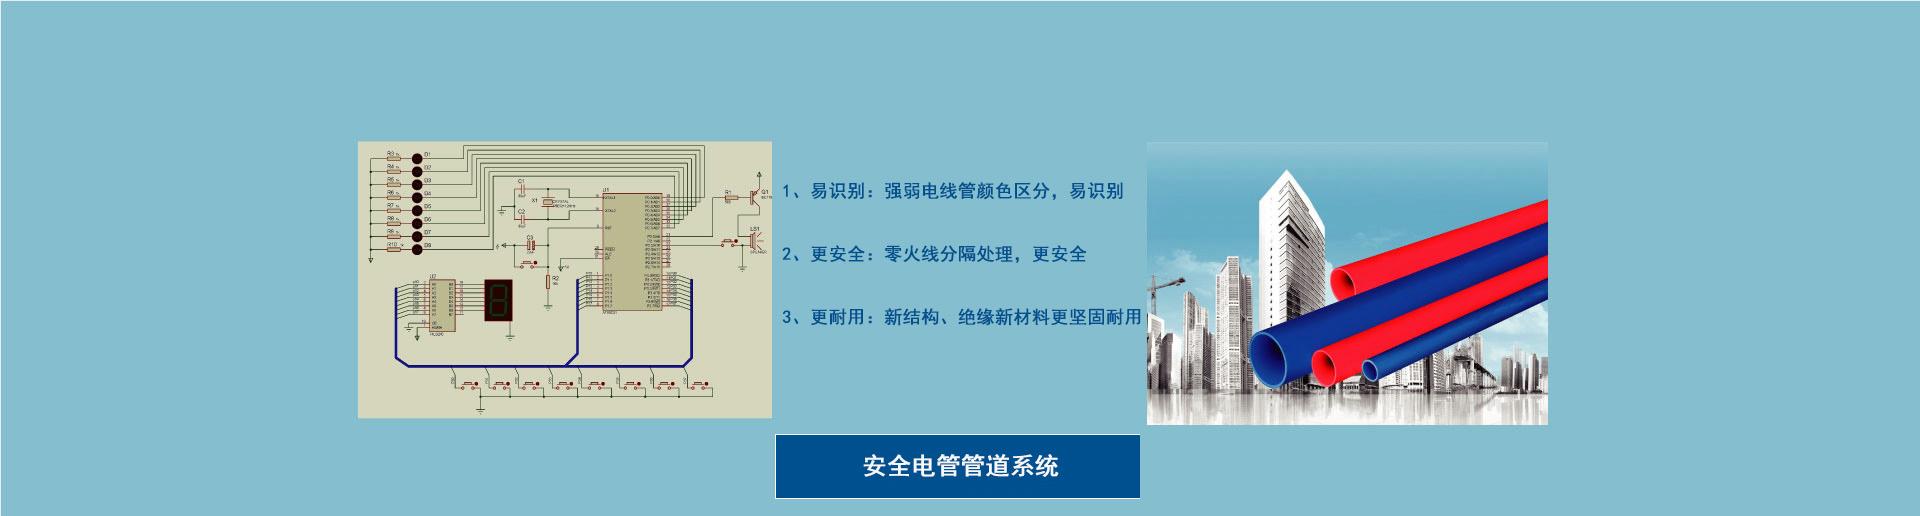 安全电管管道系统